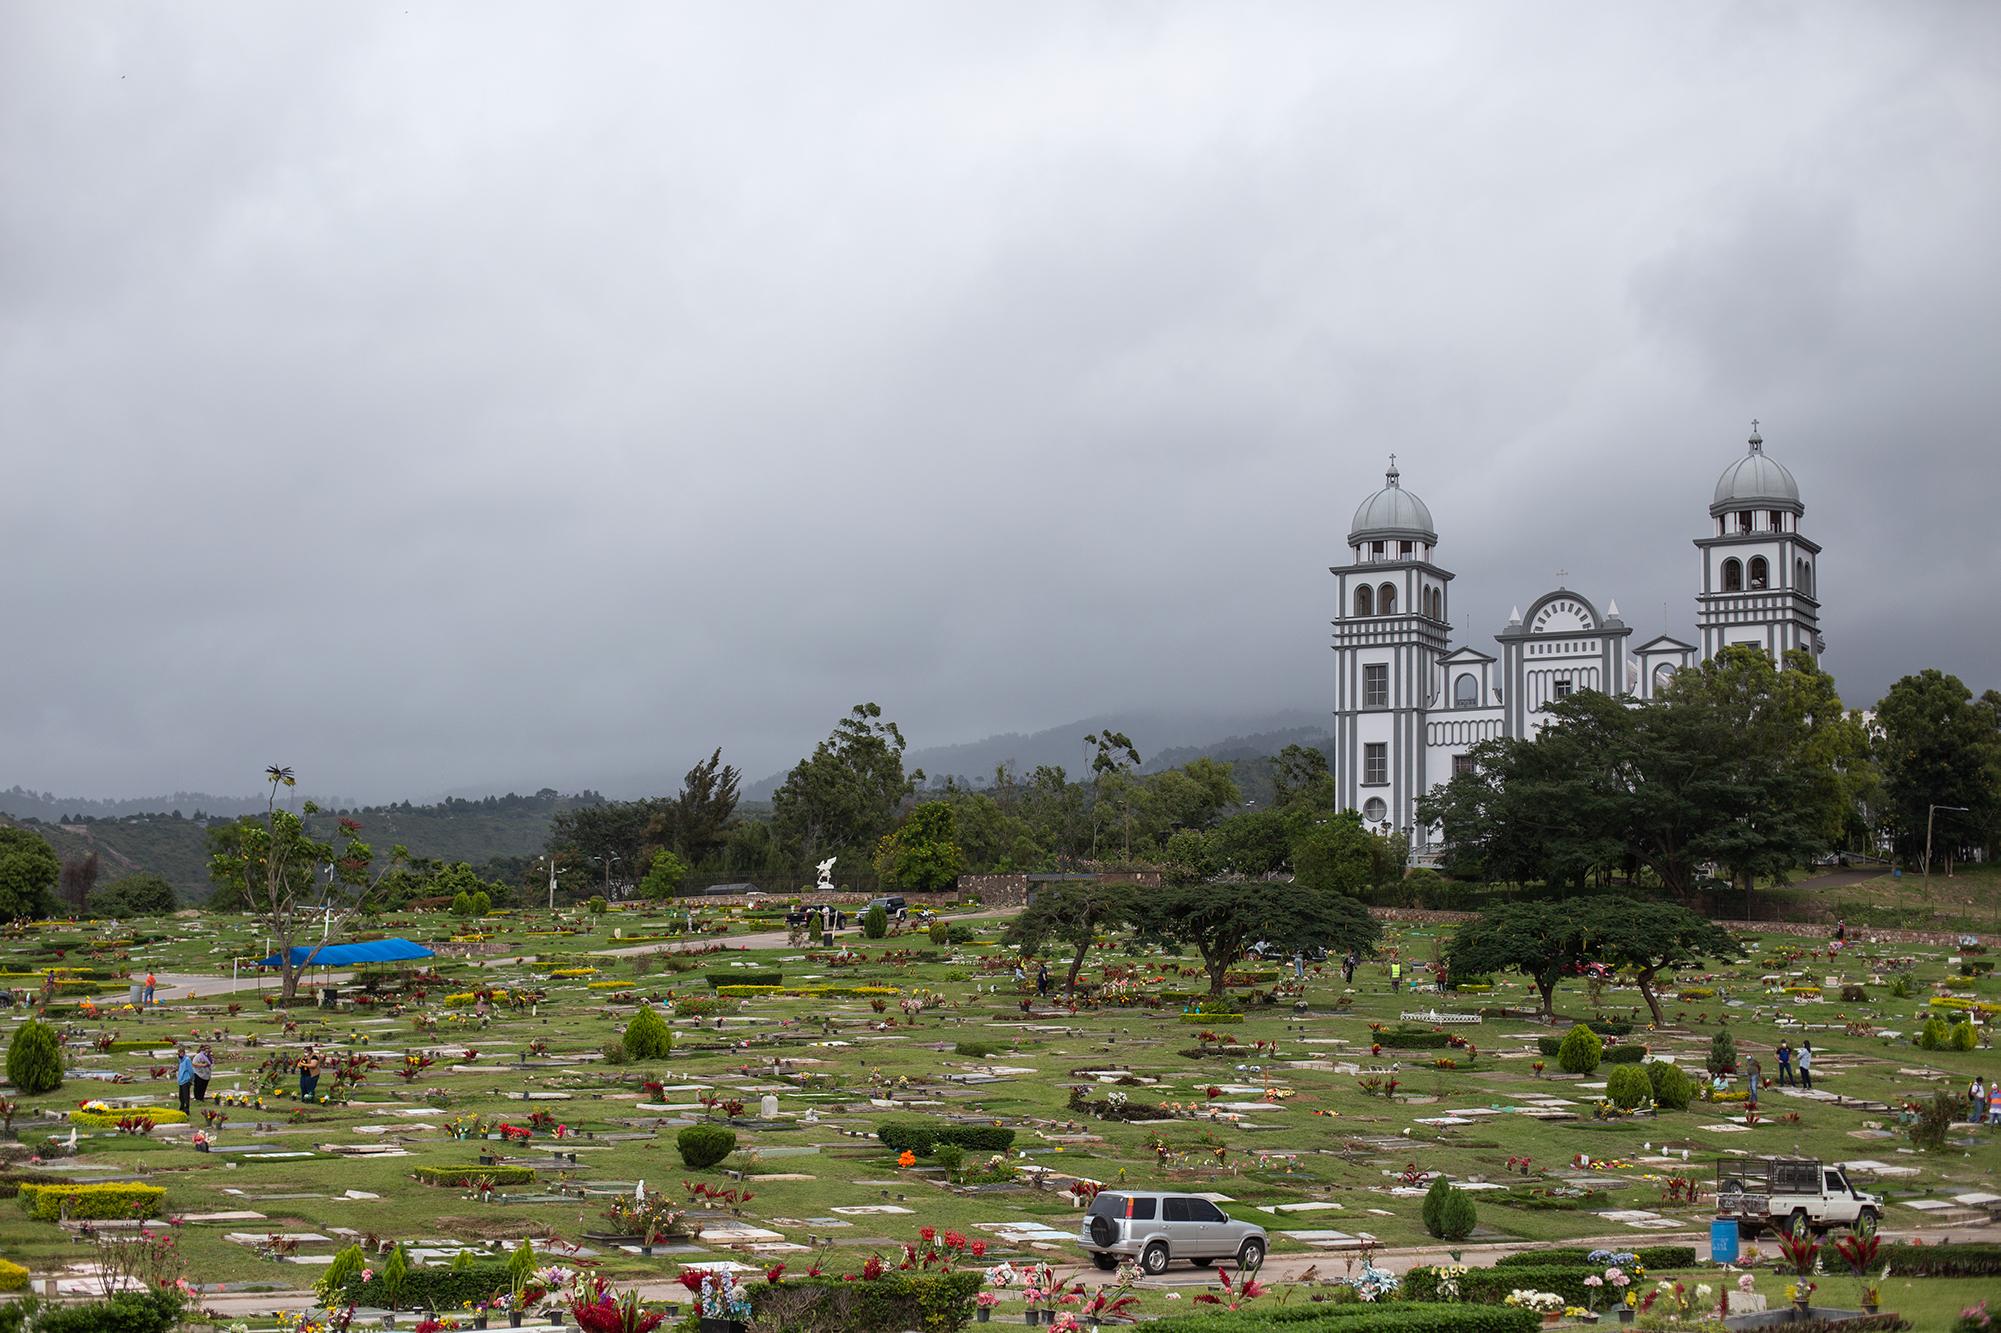 Pocas personas han llegado para rendir tributo a sus muertos debido a las restricciones de movilidad que el gobierno hondureño ha impuesto desde el pasado mes de marzo con la llegada de la Covid-19 al país. Tegucigalpa, 2 de noviembre de 2020. Foto: Martín Cálix.